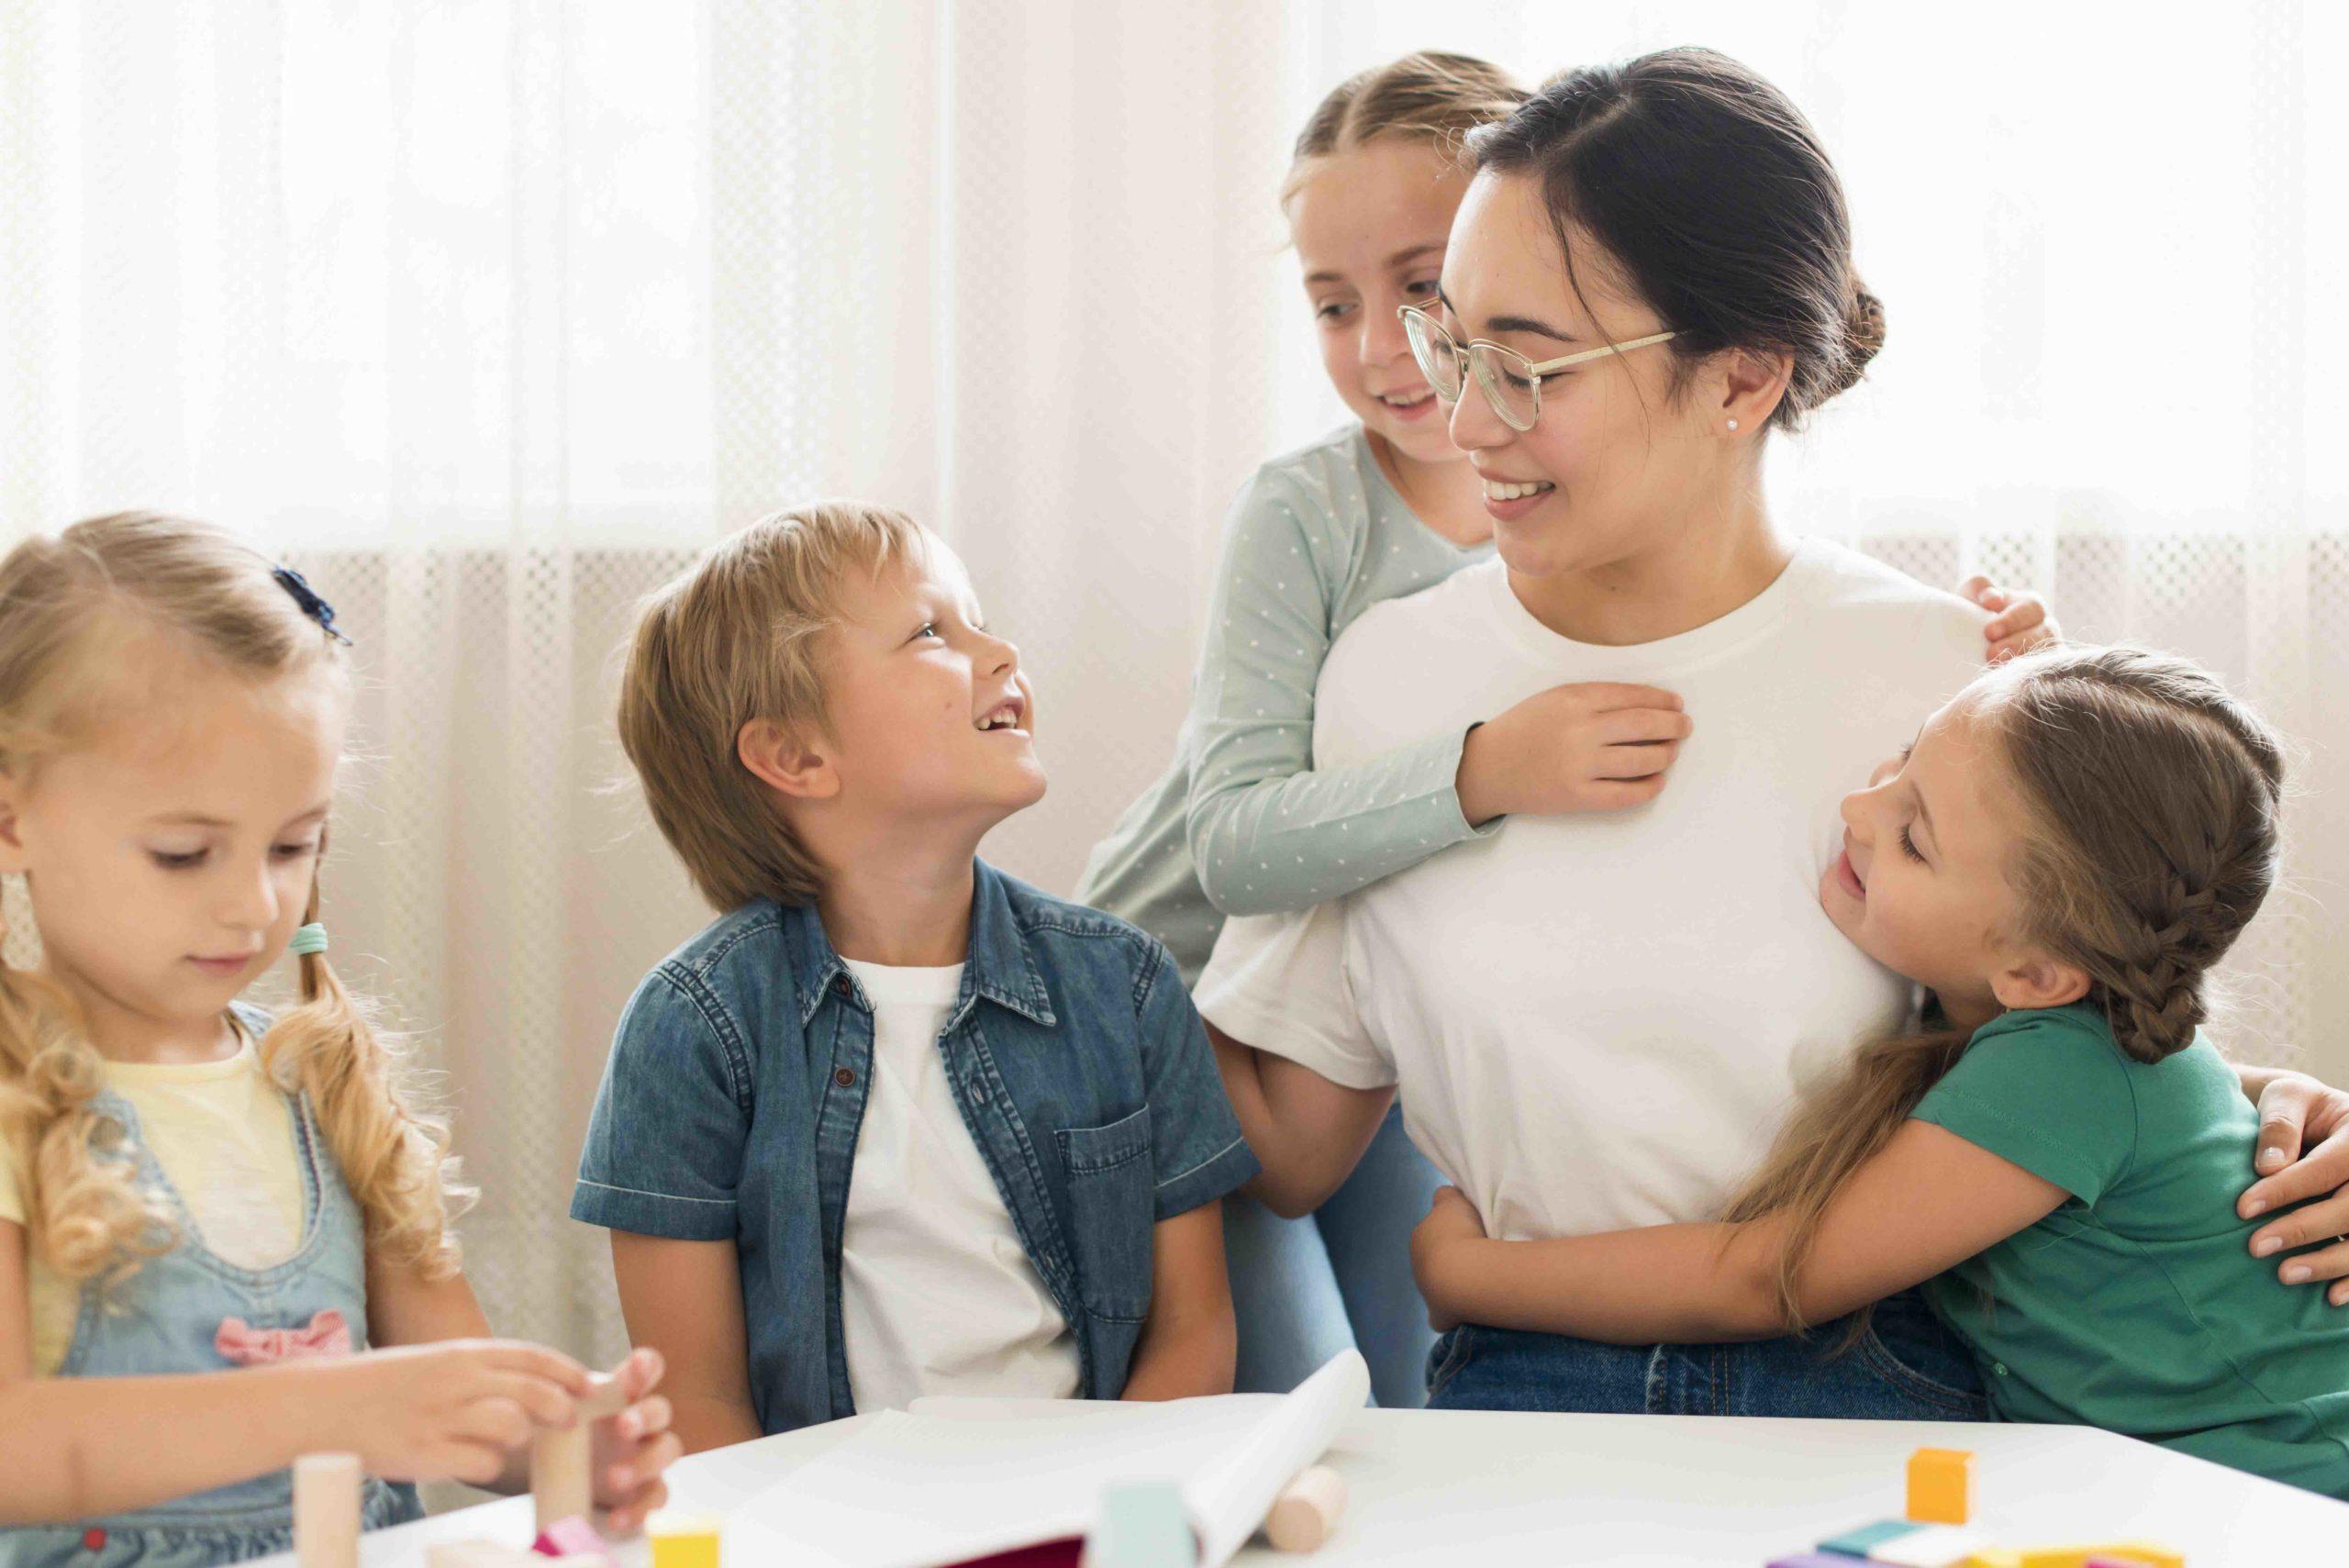 Assistante maternelle qui parle avec trois enfants